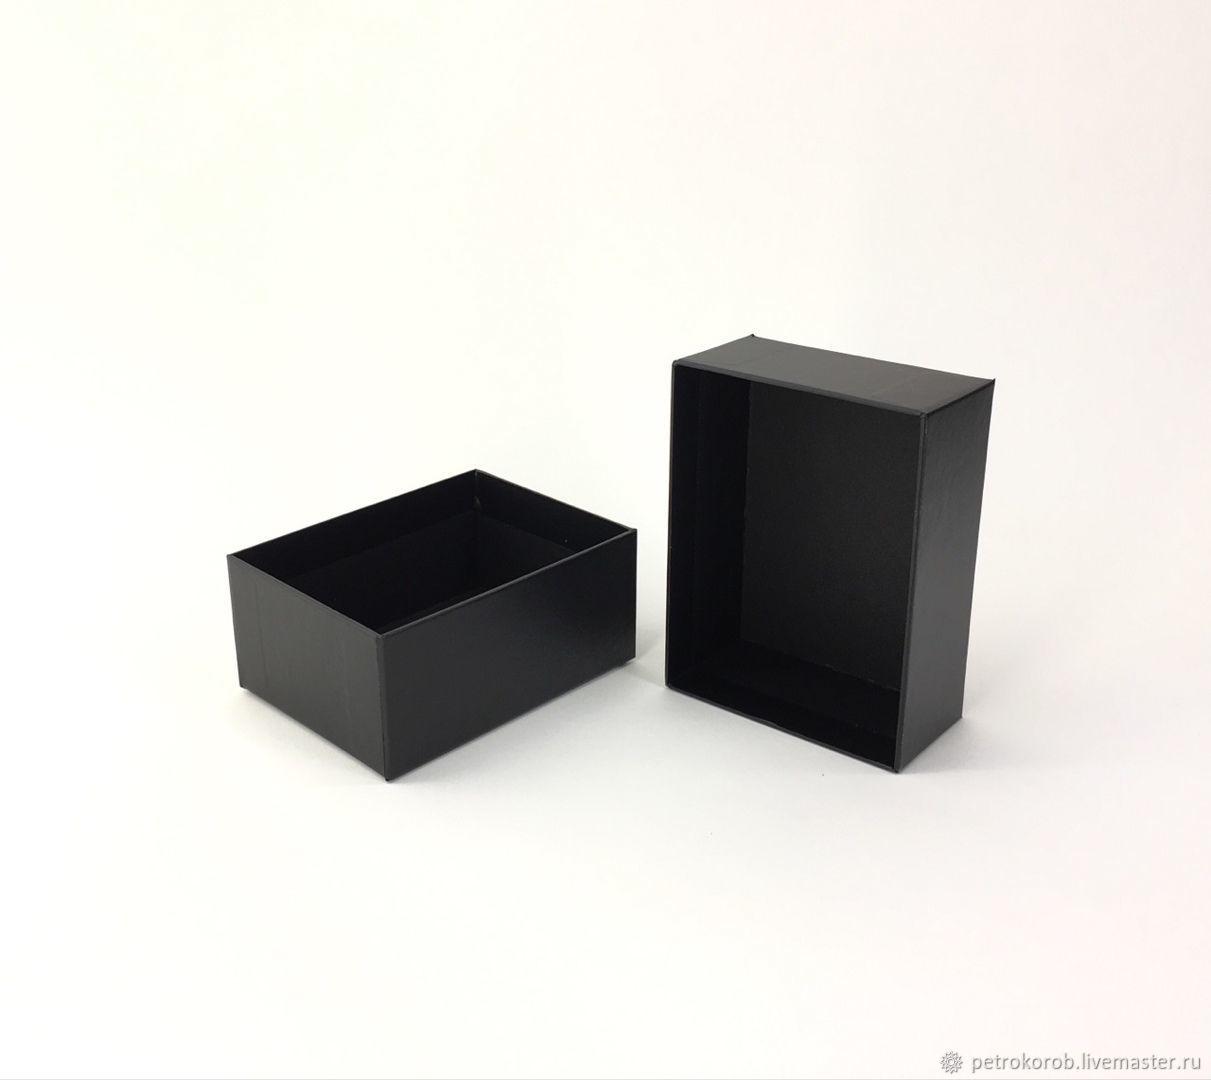 Коробка 12х9х5,5 см черная, Коробки, Санкт-Петербург,  Фото №1